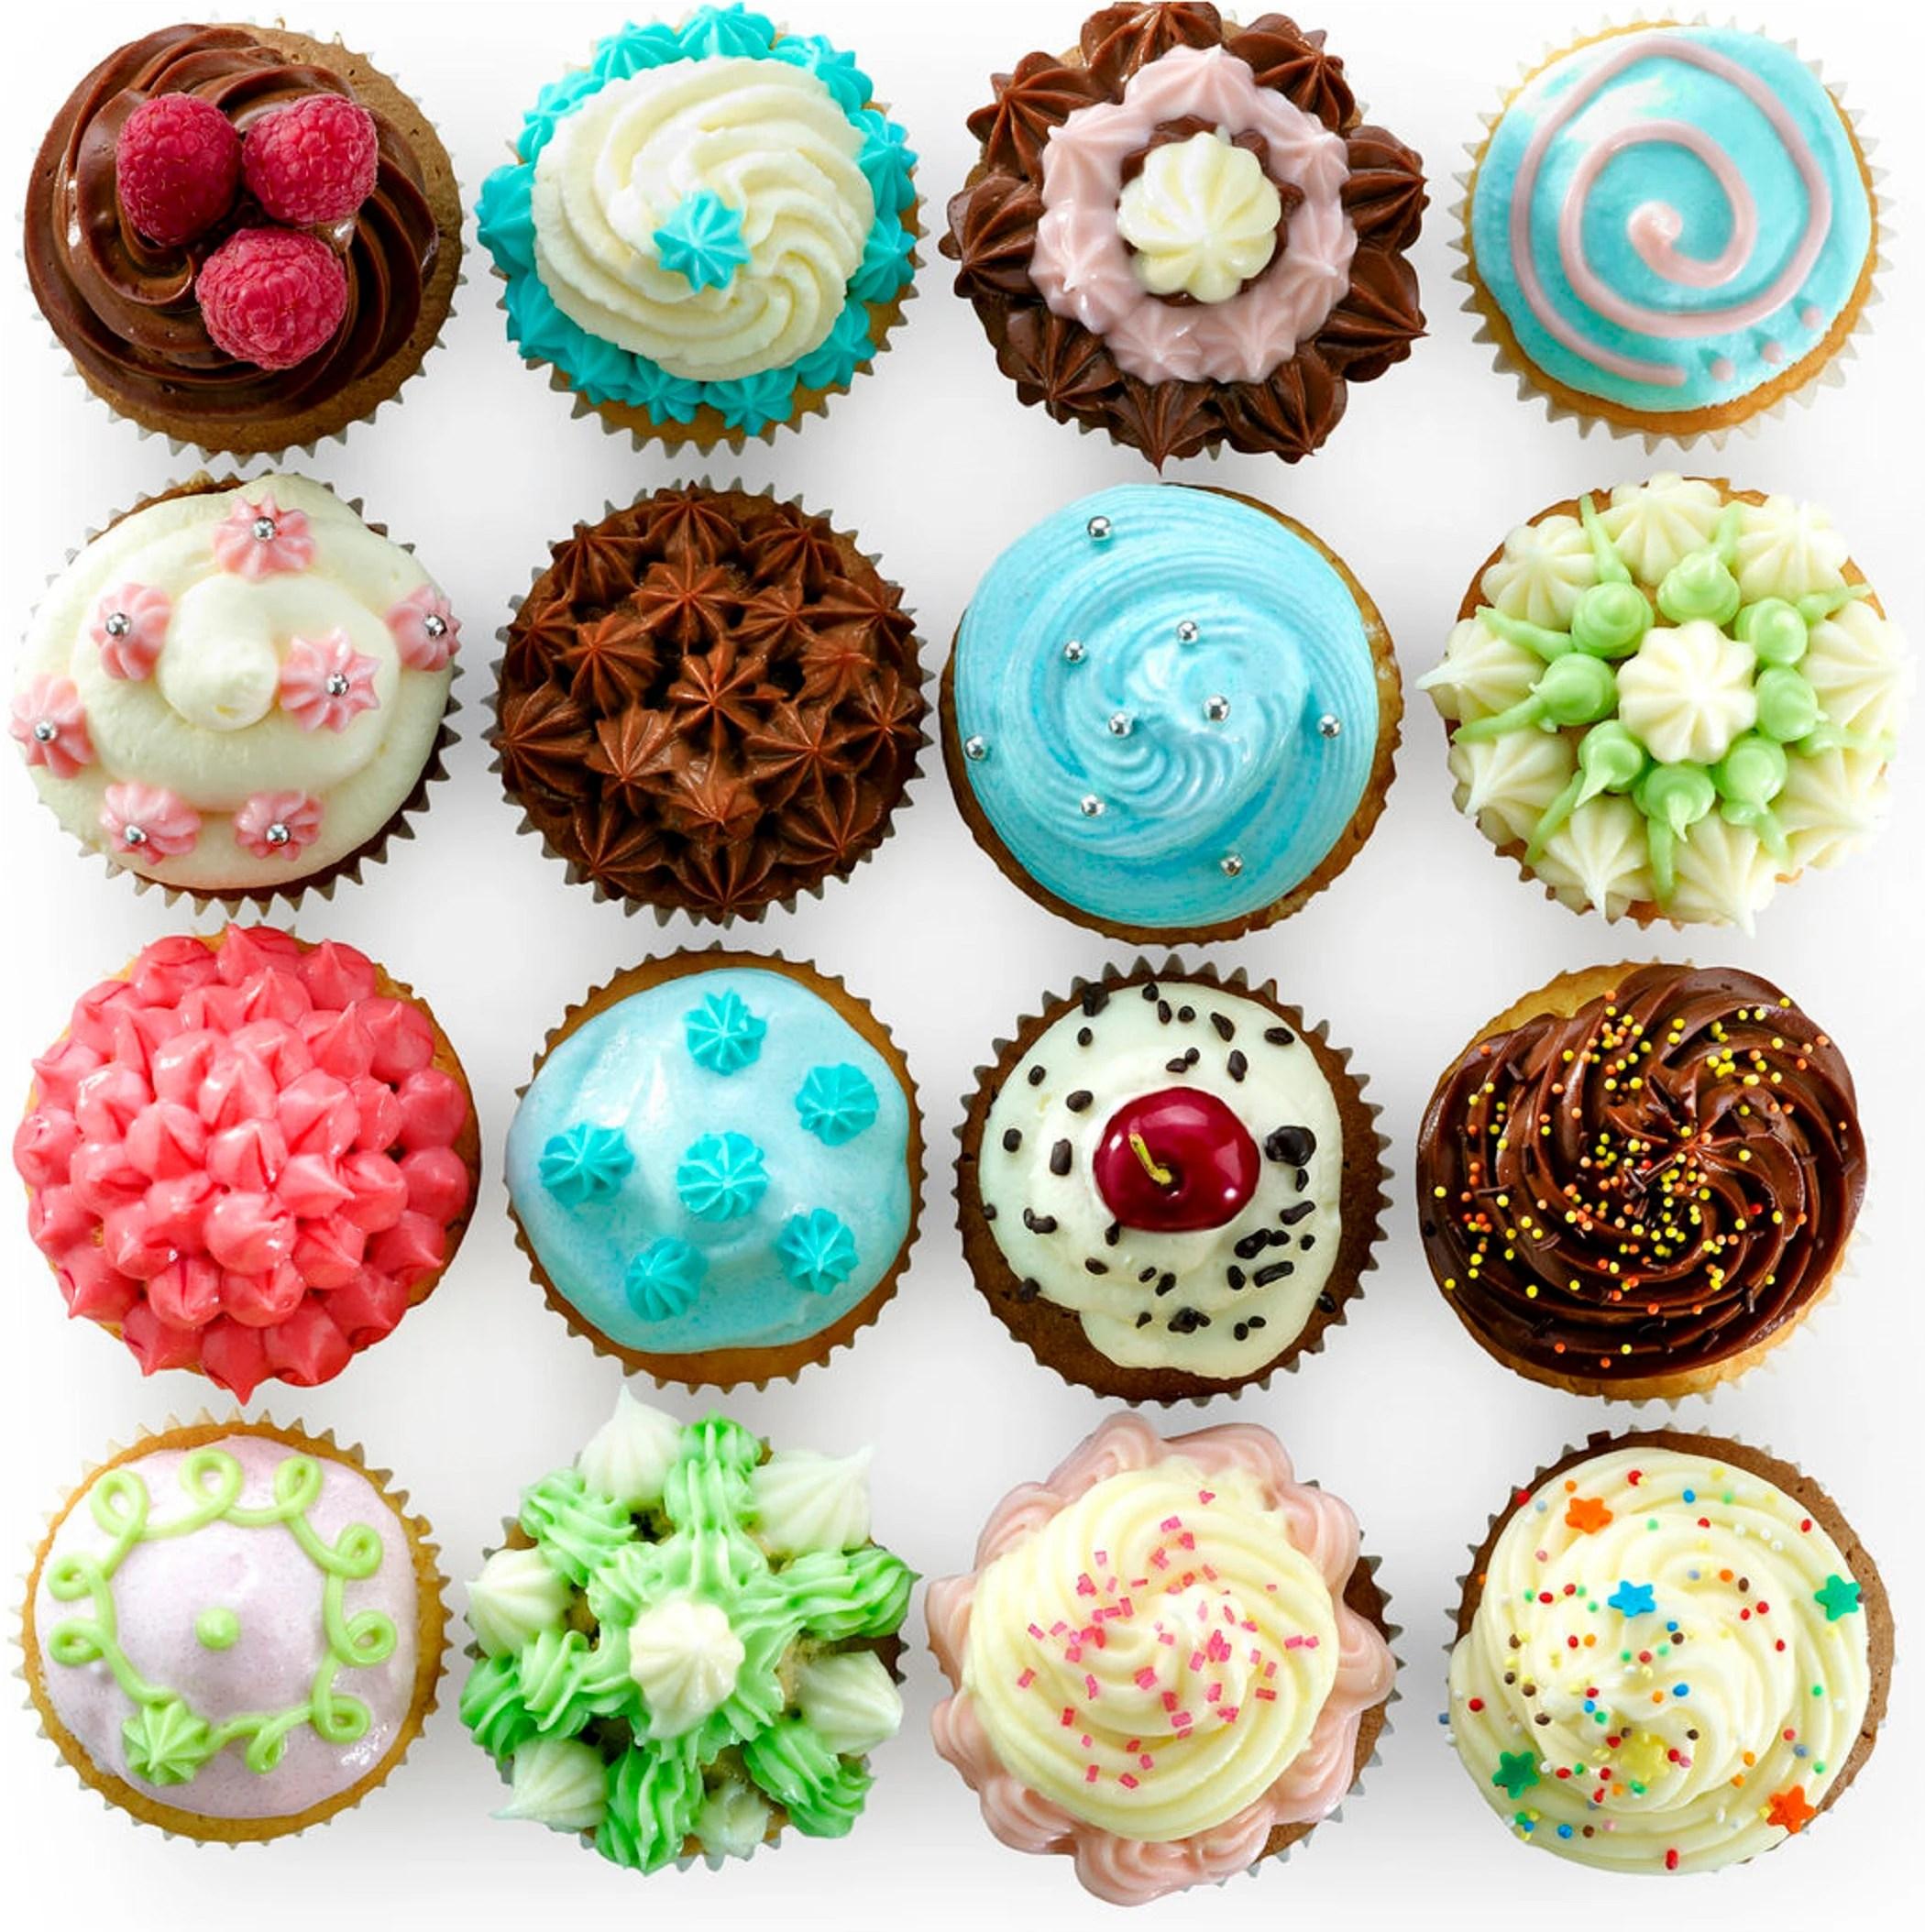 kit pour muffins ou cupcakes caissettes poche a douille livre